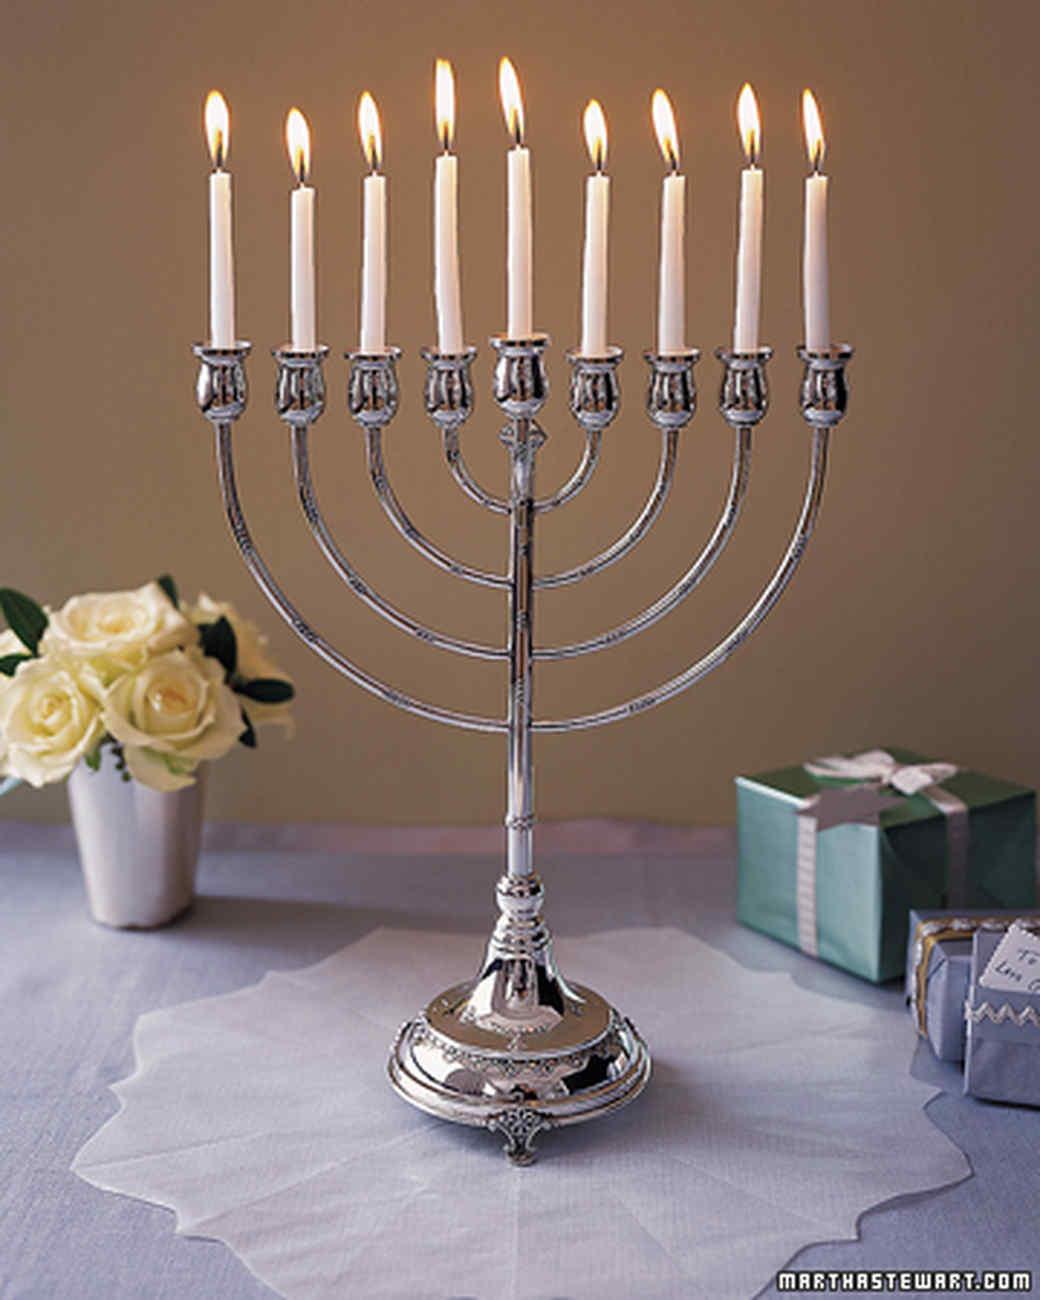 Hanukkah crafts and decorations martha stewart m4hsunfo